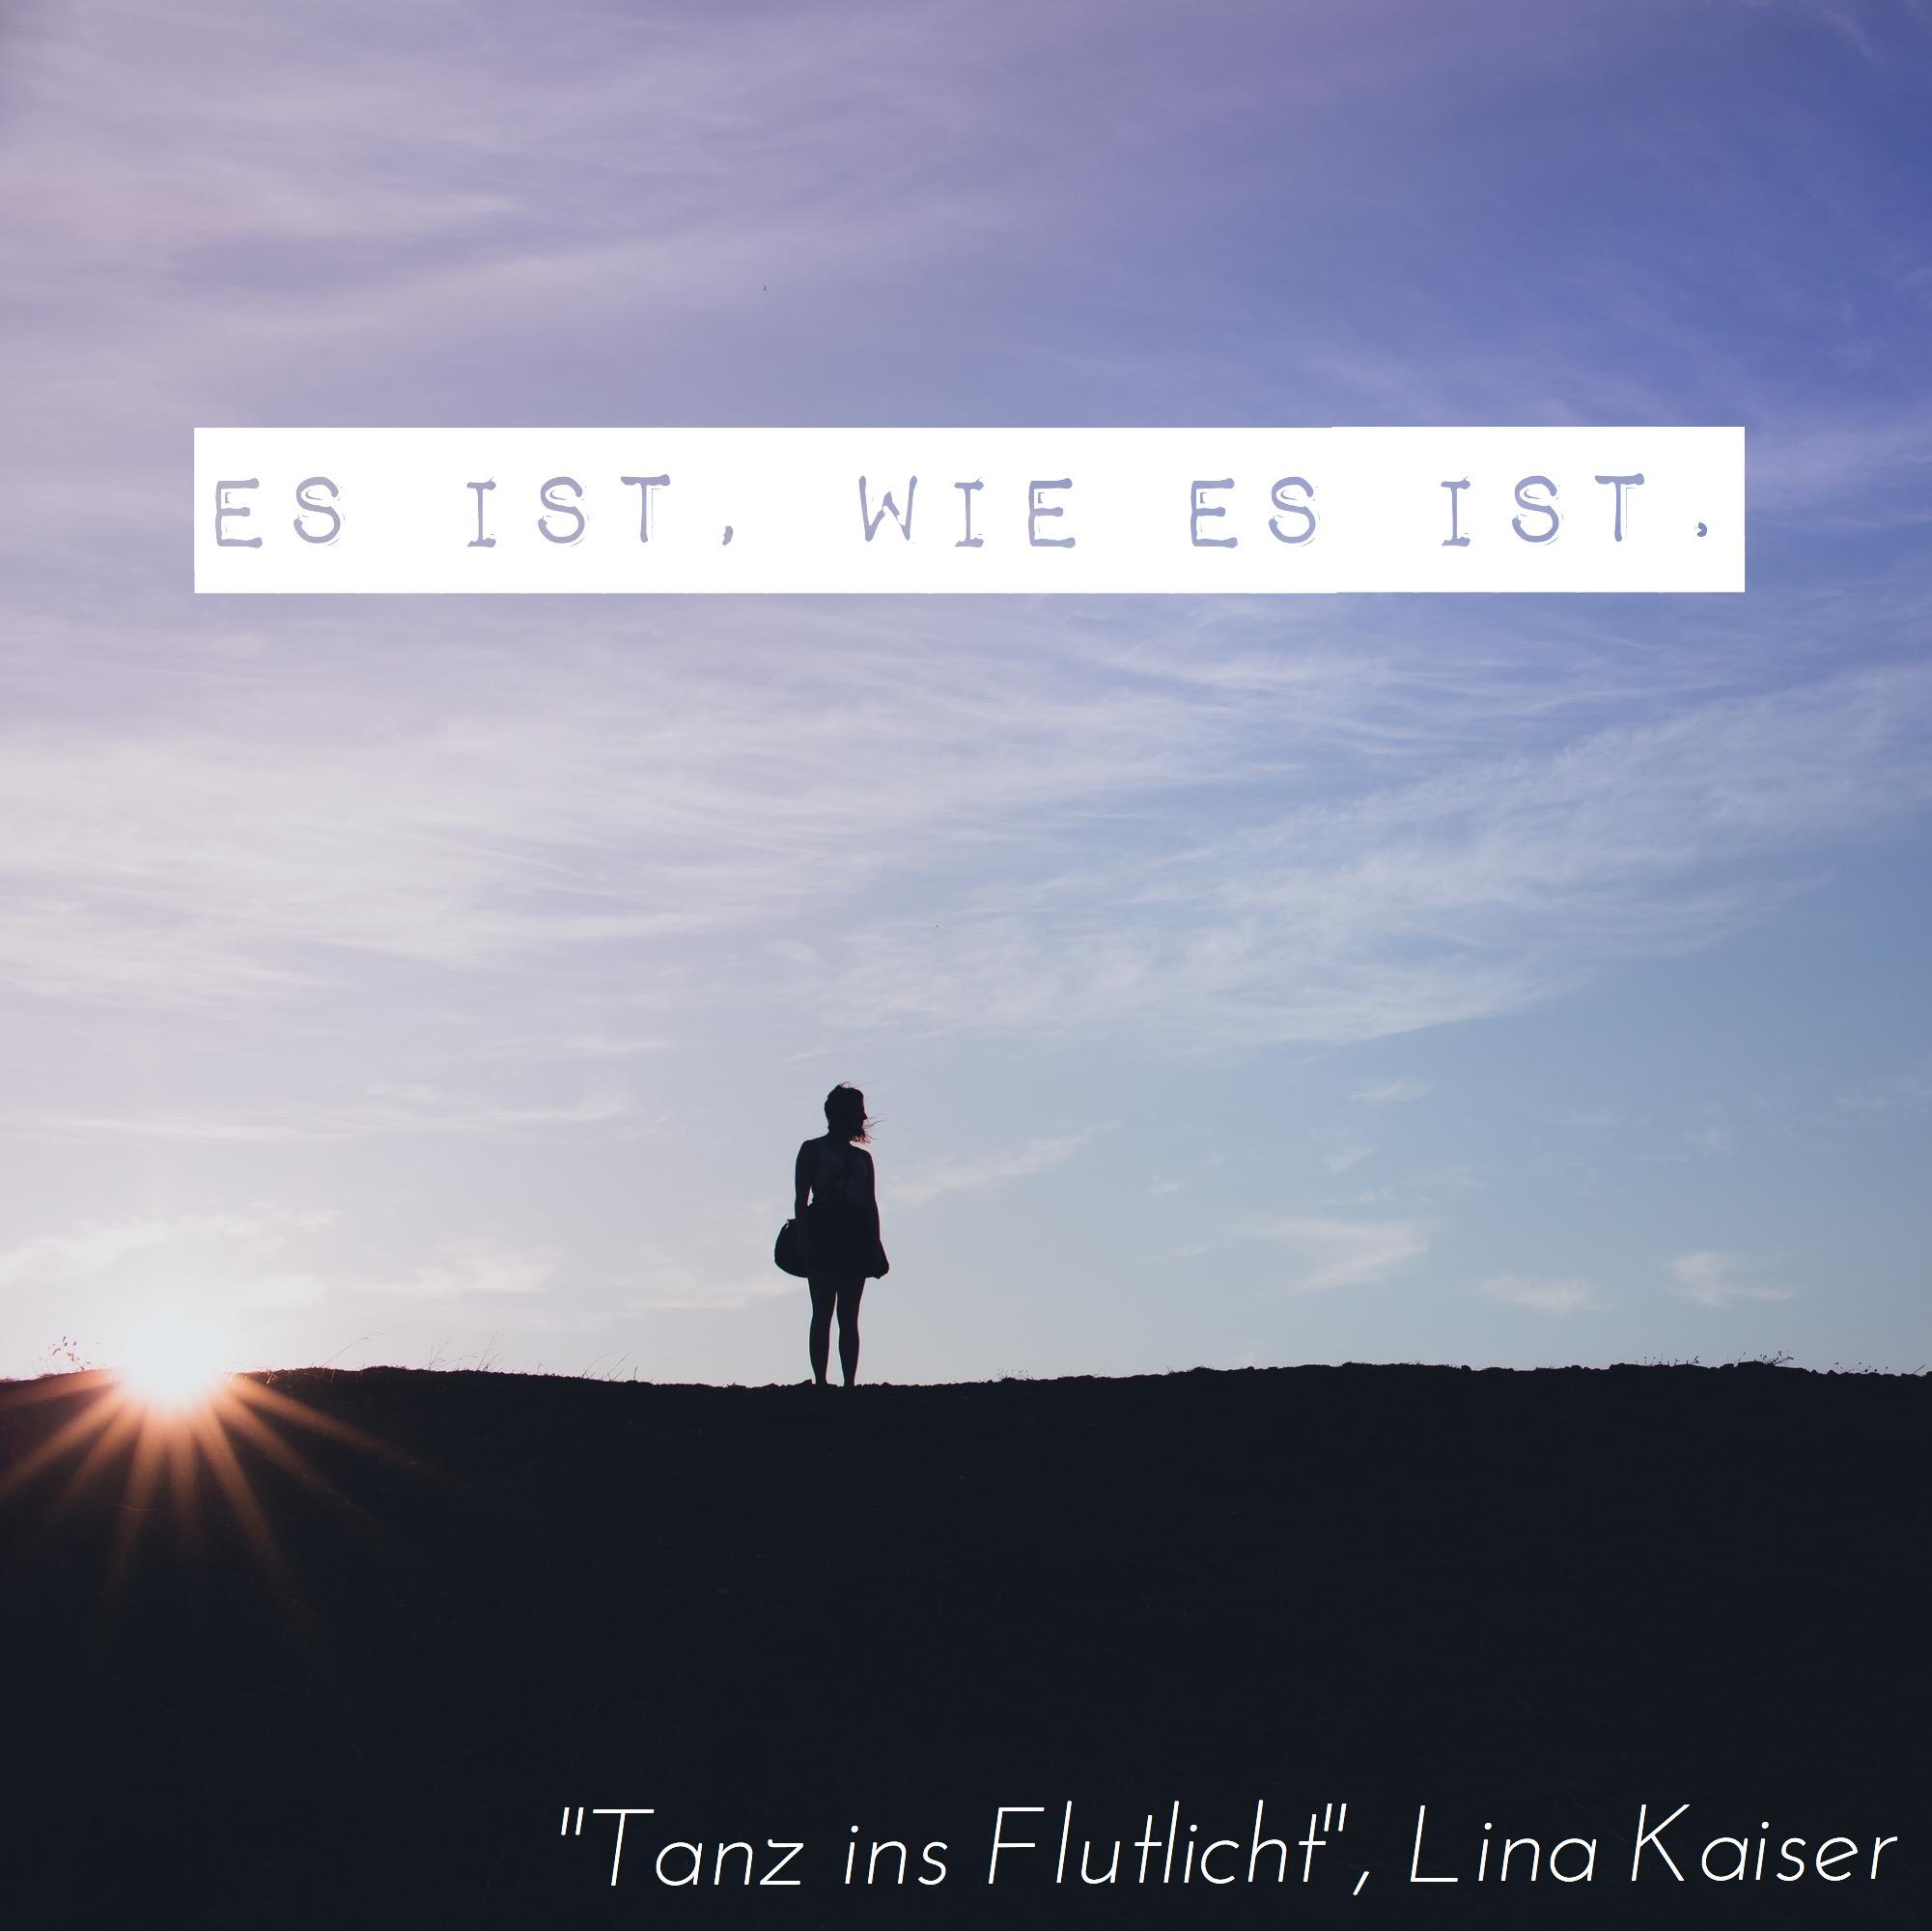 """Zitat aus dem lesbischen Coming-out Buch """"Tanz ins Flutlicht"""": """"Es ist, wie es ist."""""""